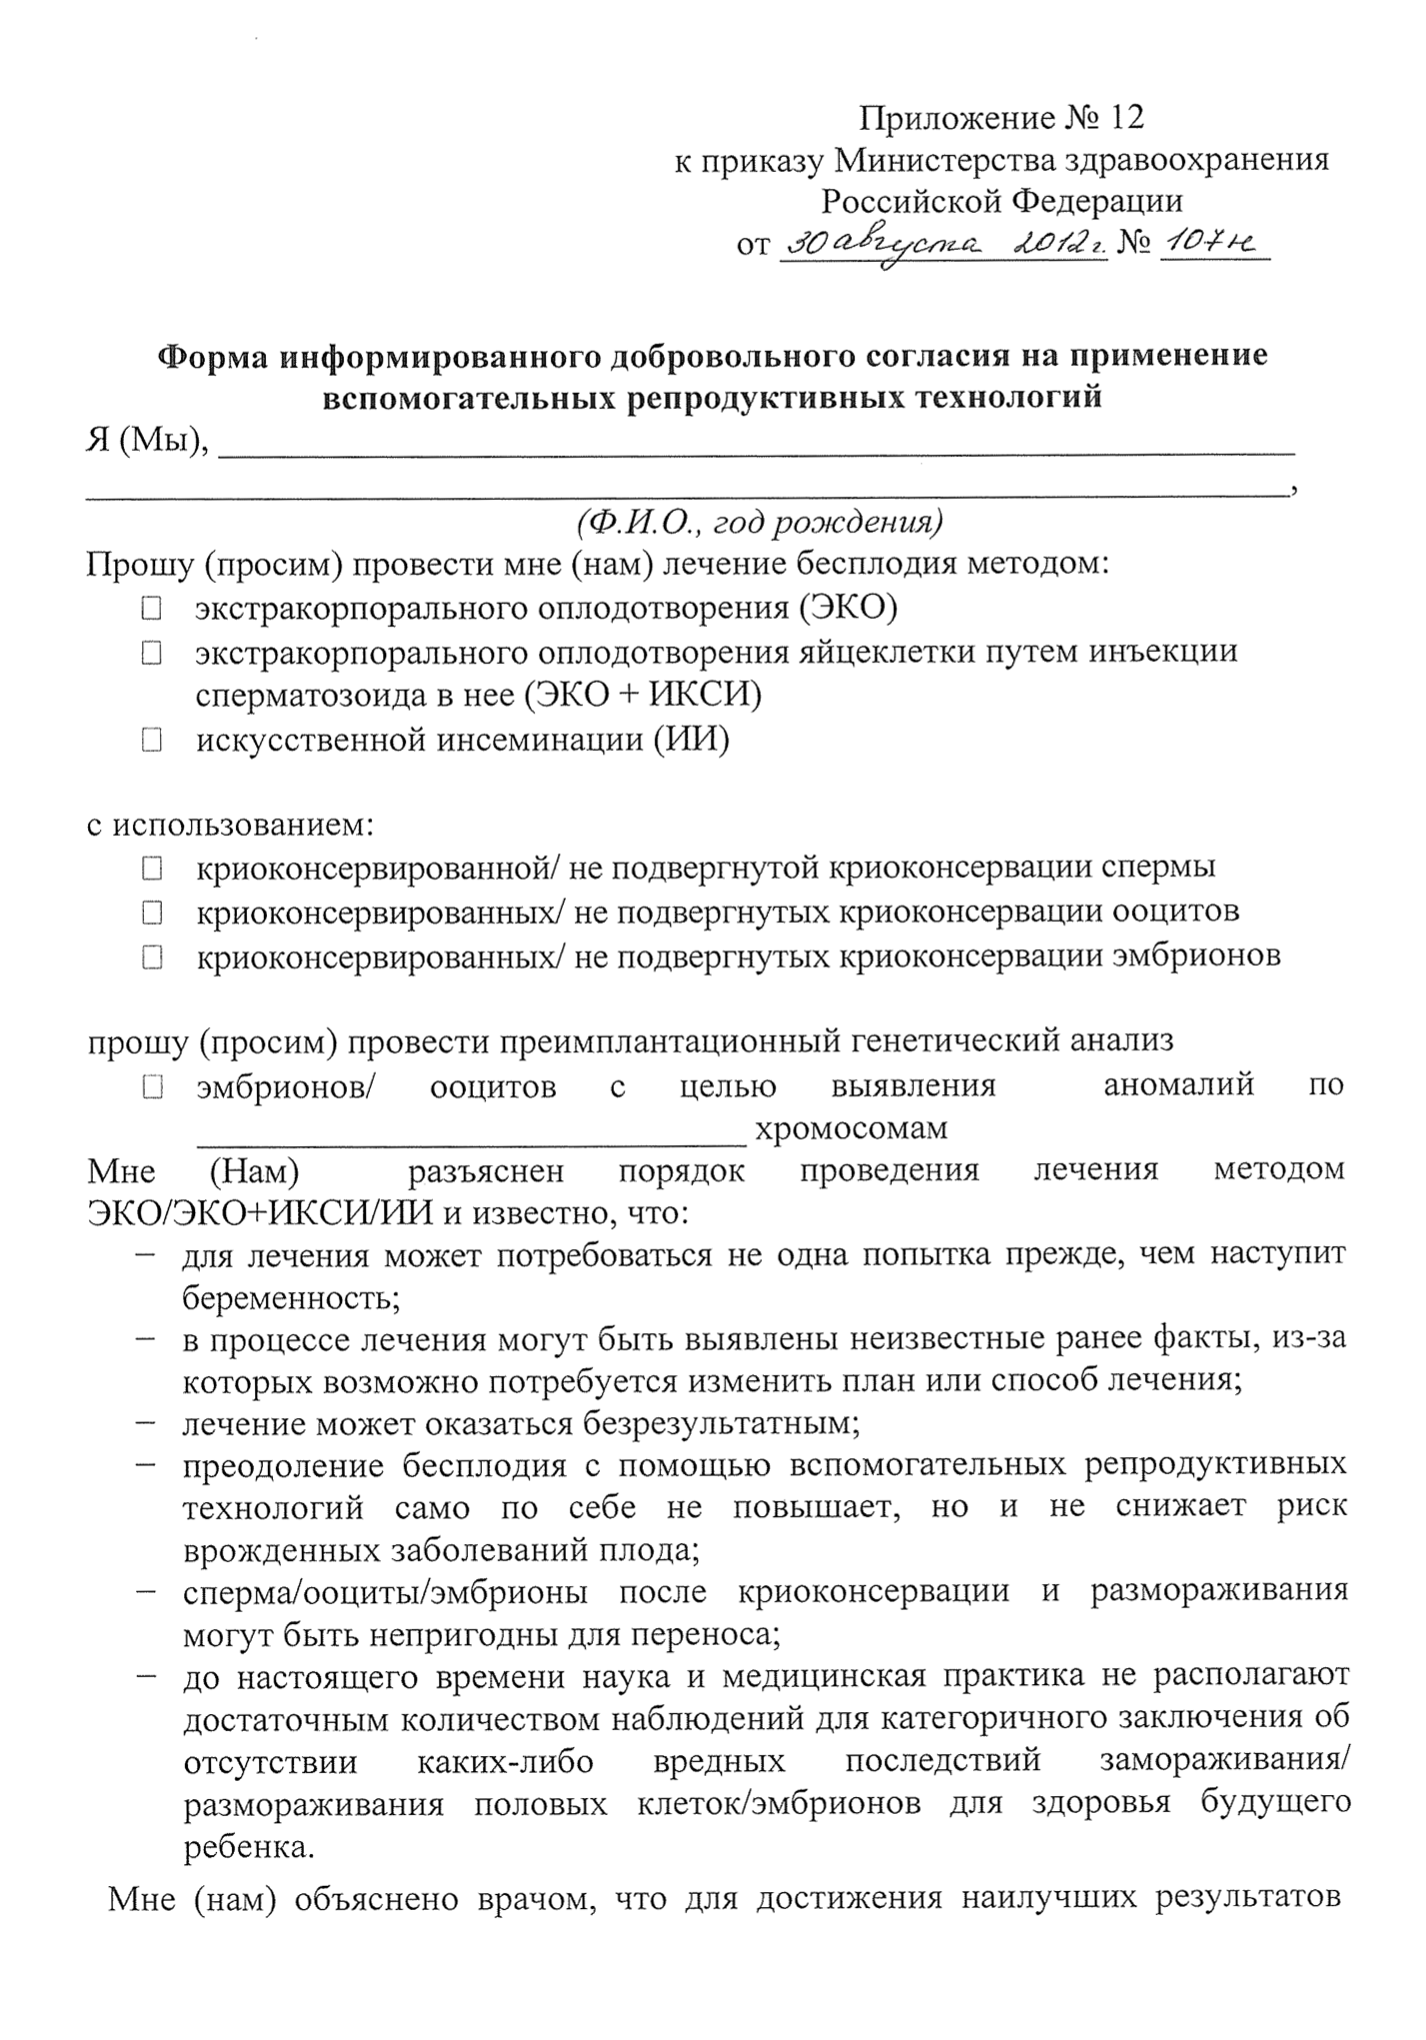 Приложение №12 к приказу Минздрава от 30.08.2012 №107н — форма добровольного согласия наЭКО. Внем есть предупреждение, что ЭКО может привести косложнениям, абеременность может оказаться многоплодной, внематочной или прерваться